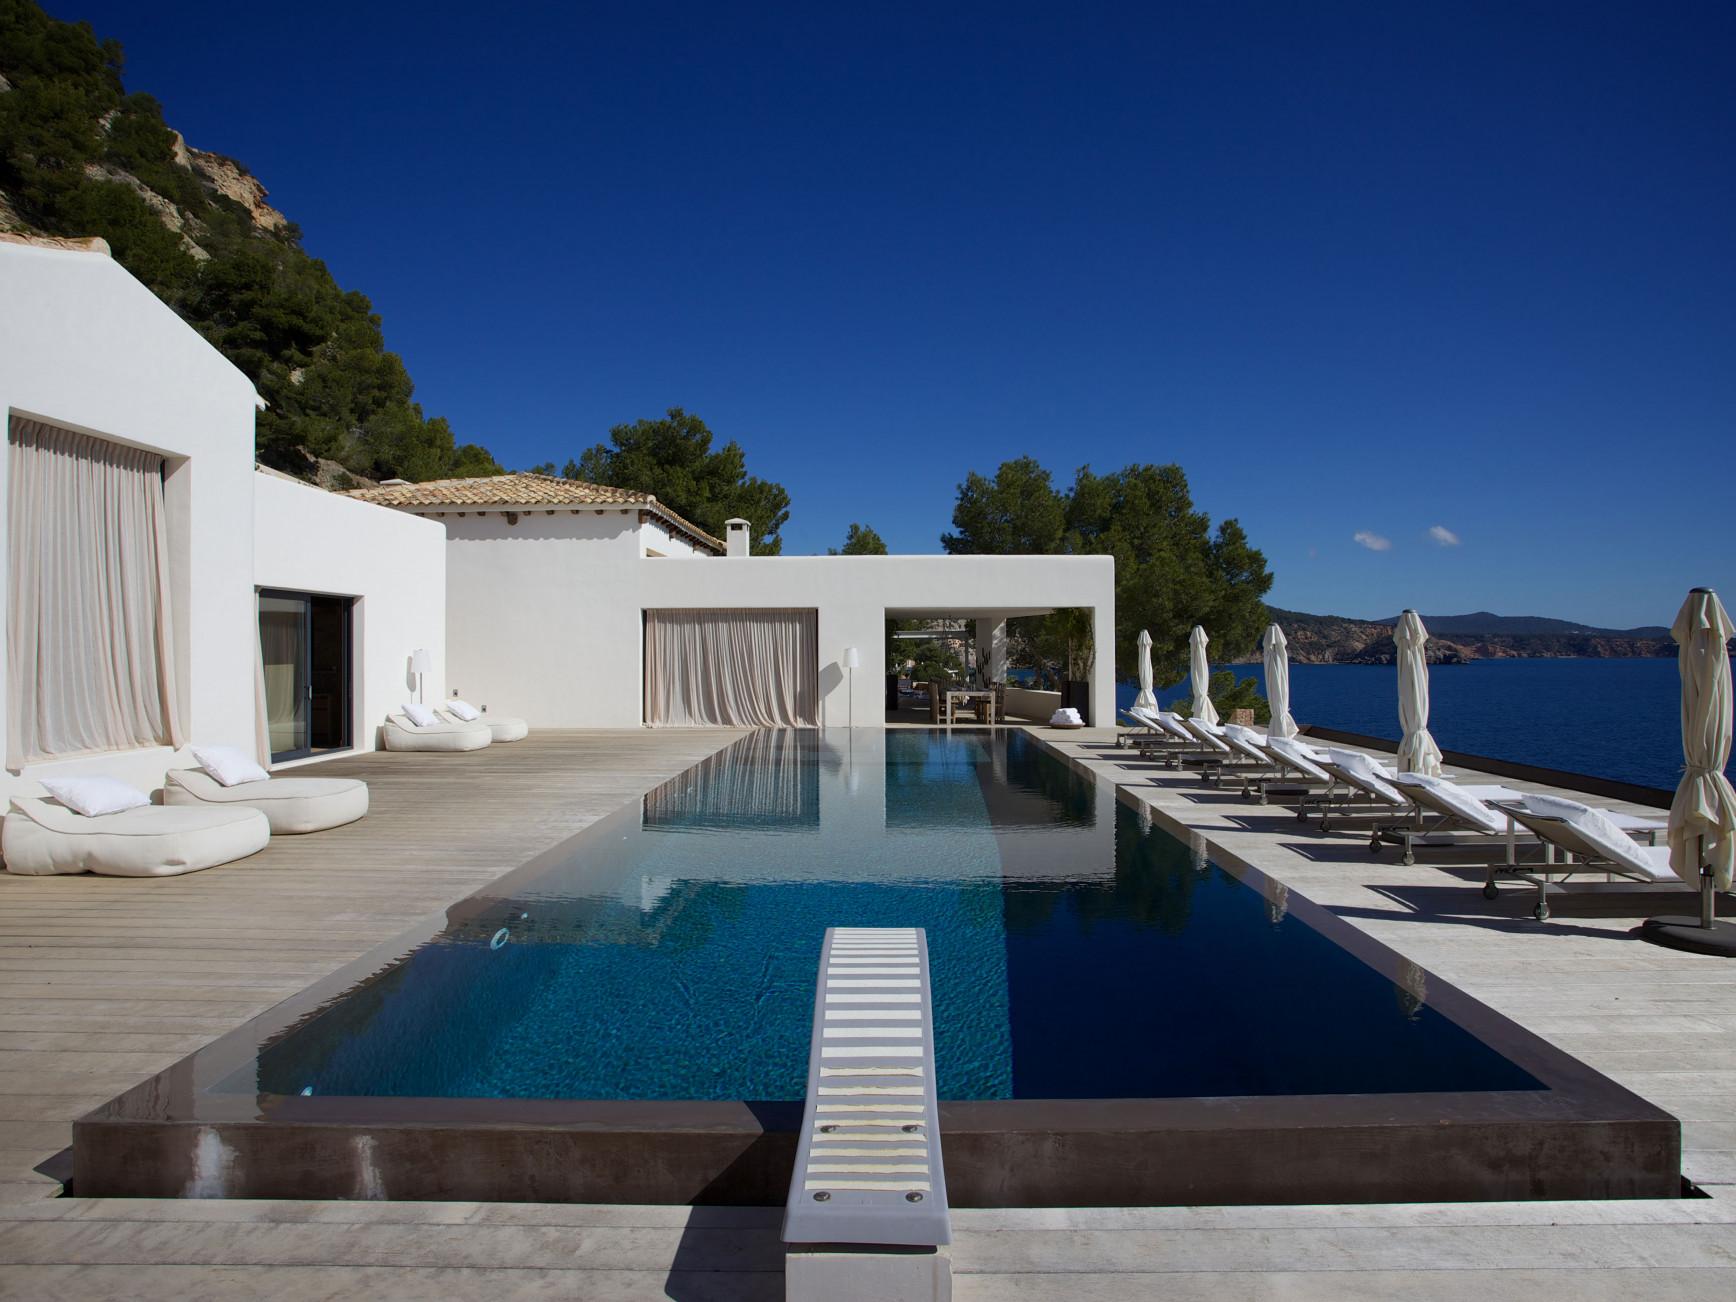 Rooms, villas & suites at Casa Atlantis - Ibiza